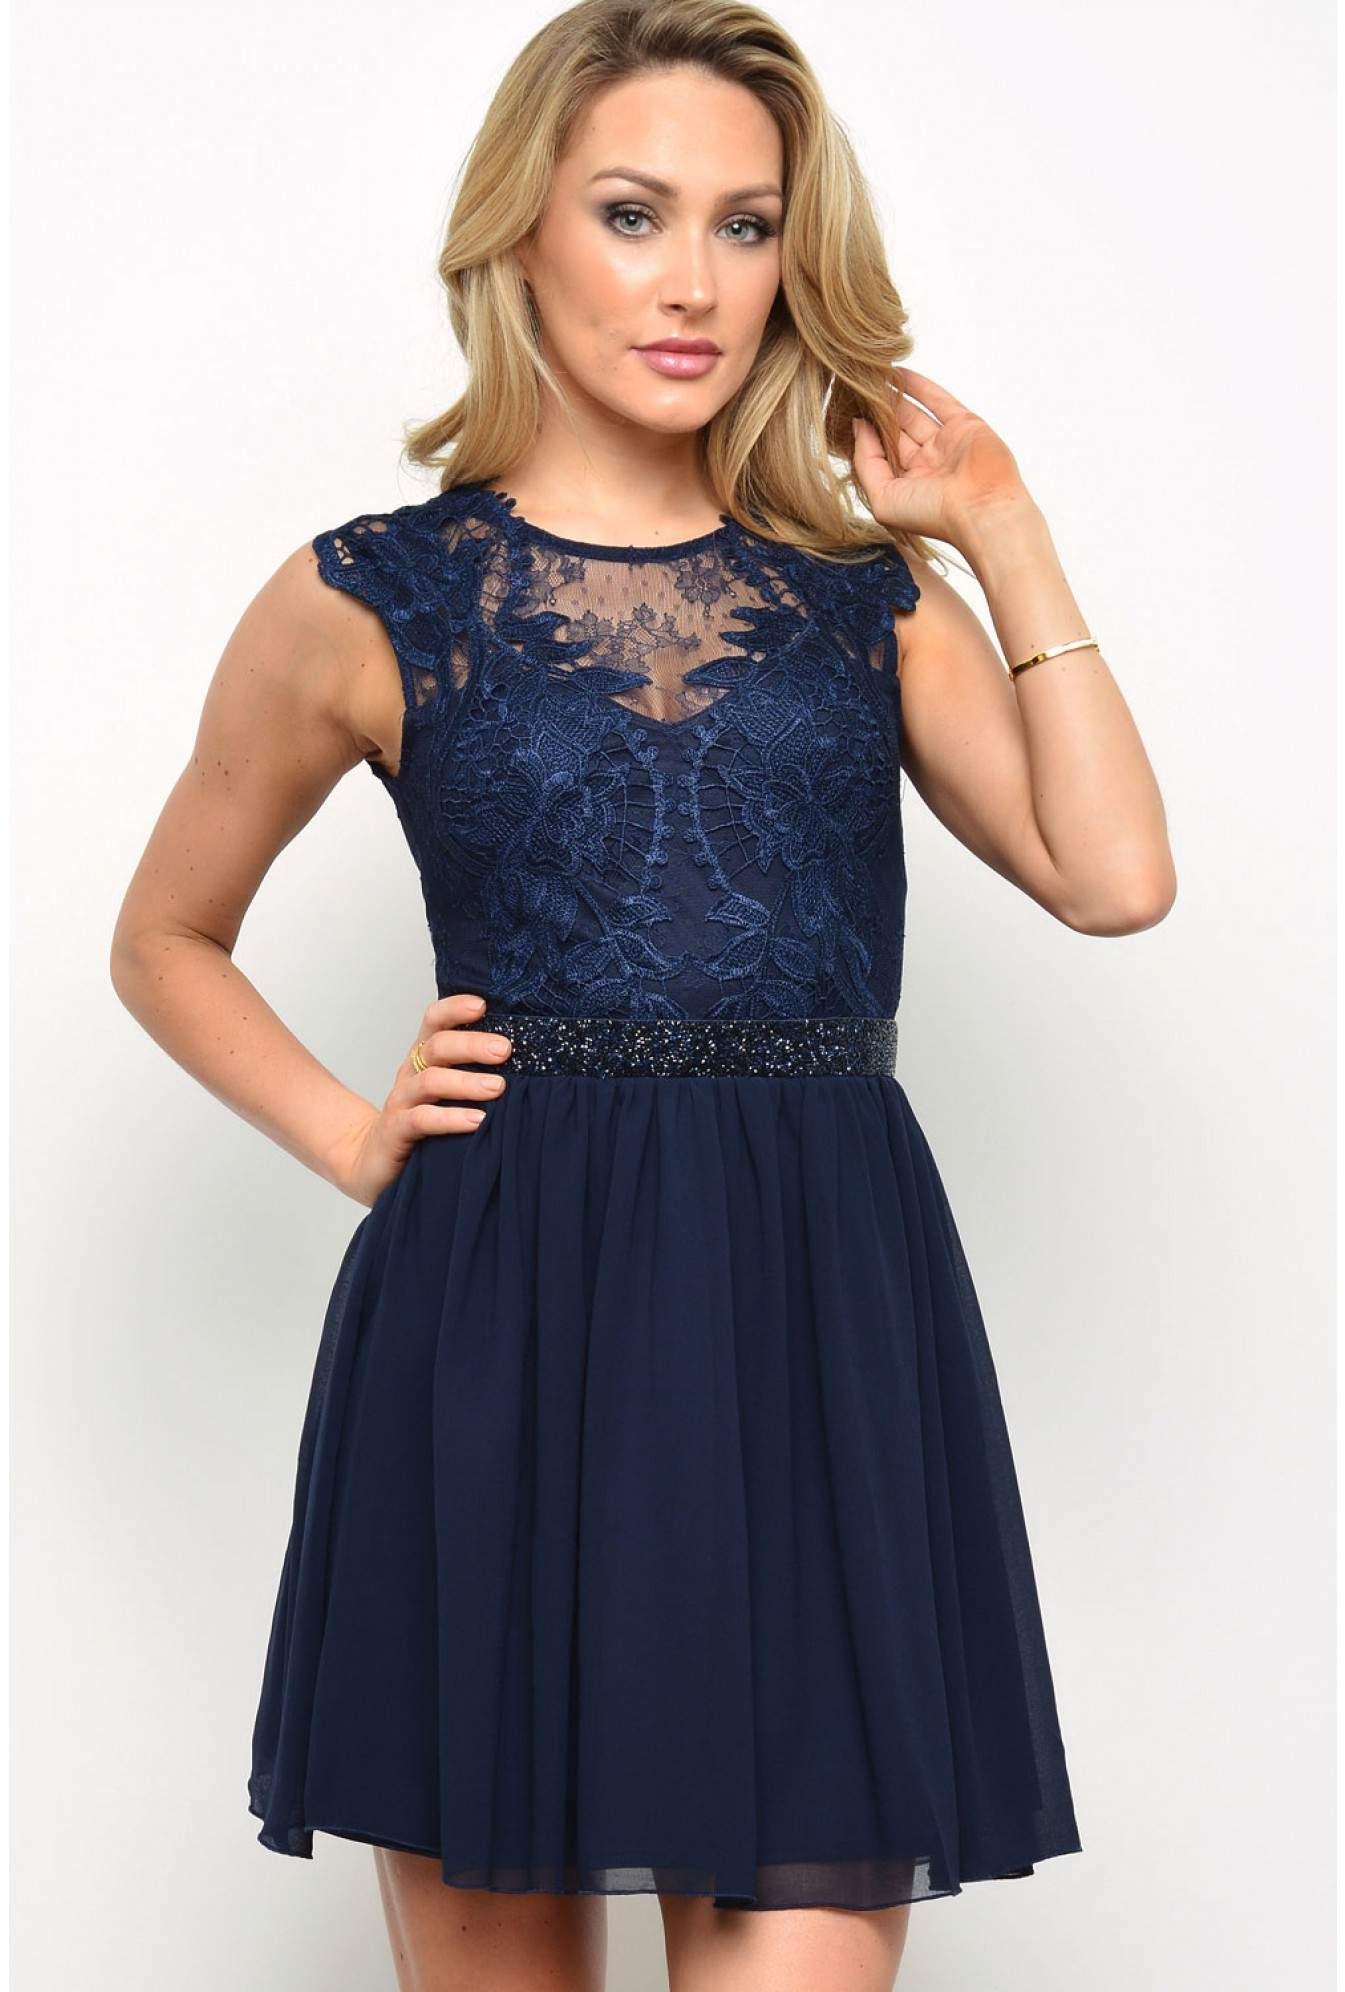 More Views. Lipsy Lace Top Prom Dress ... da51359fe